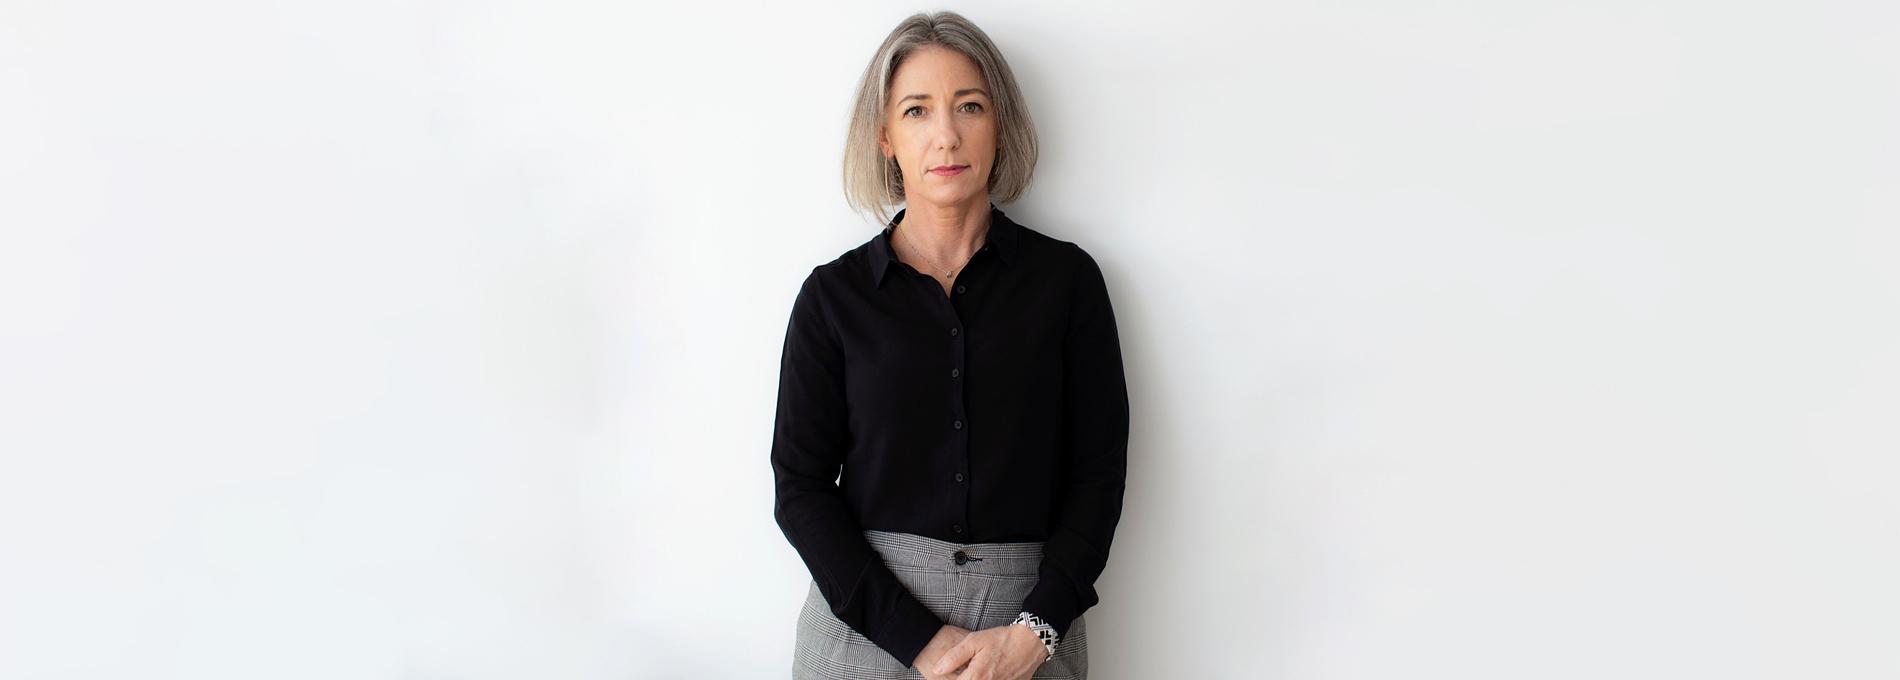 Vera Iaconelli: Somos egoístas, isso não se erradica